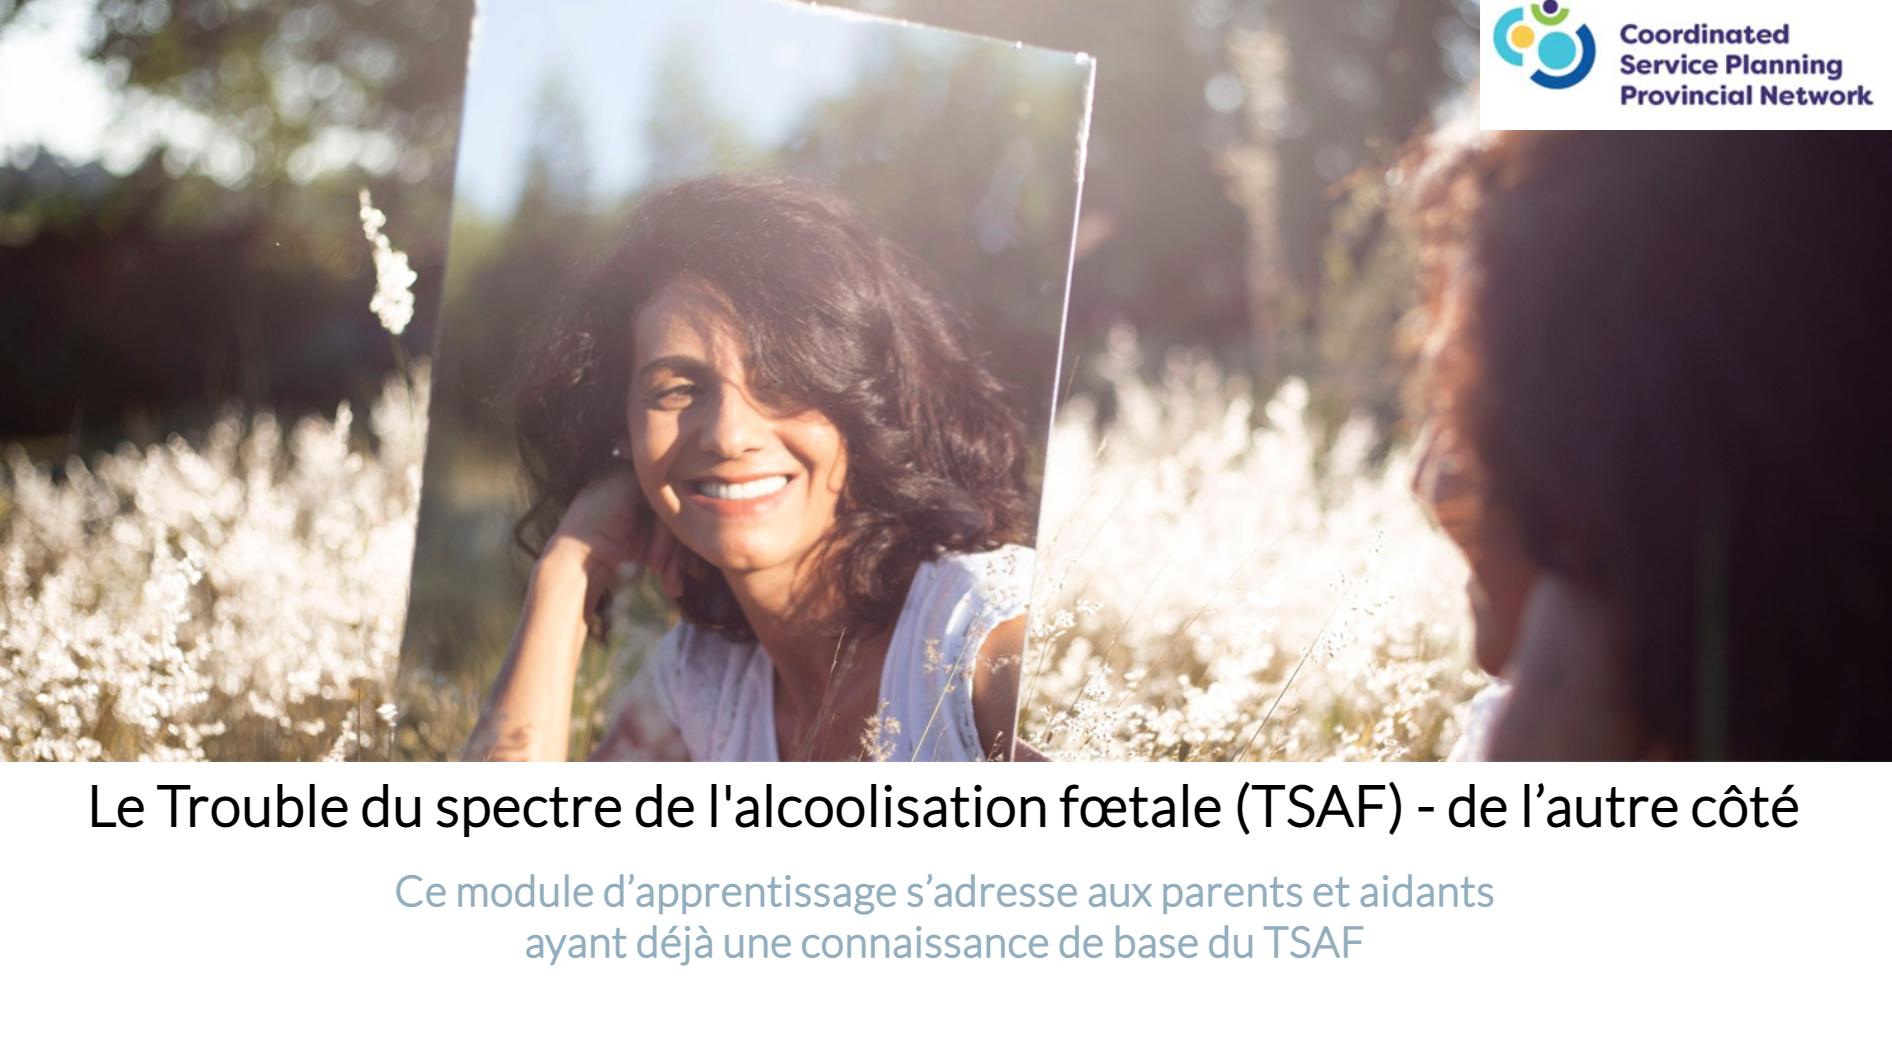 Le Trouble du spectre de l'alcoolisation fœtale (TSAF) – de l'autre côté